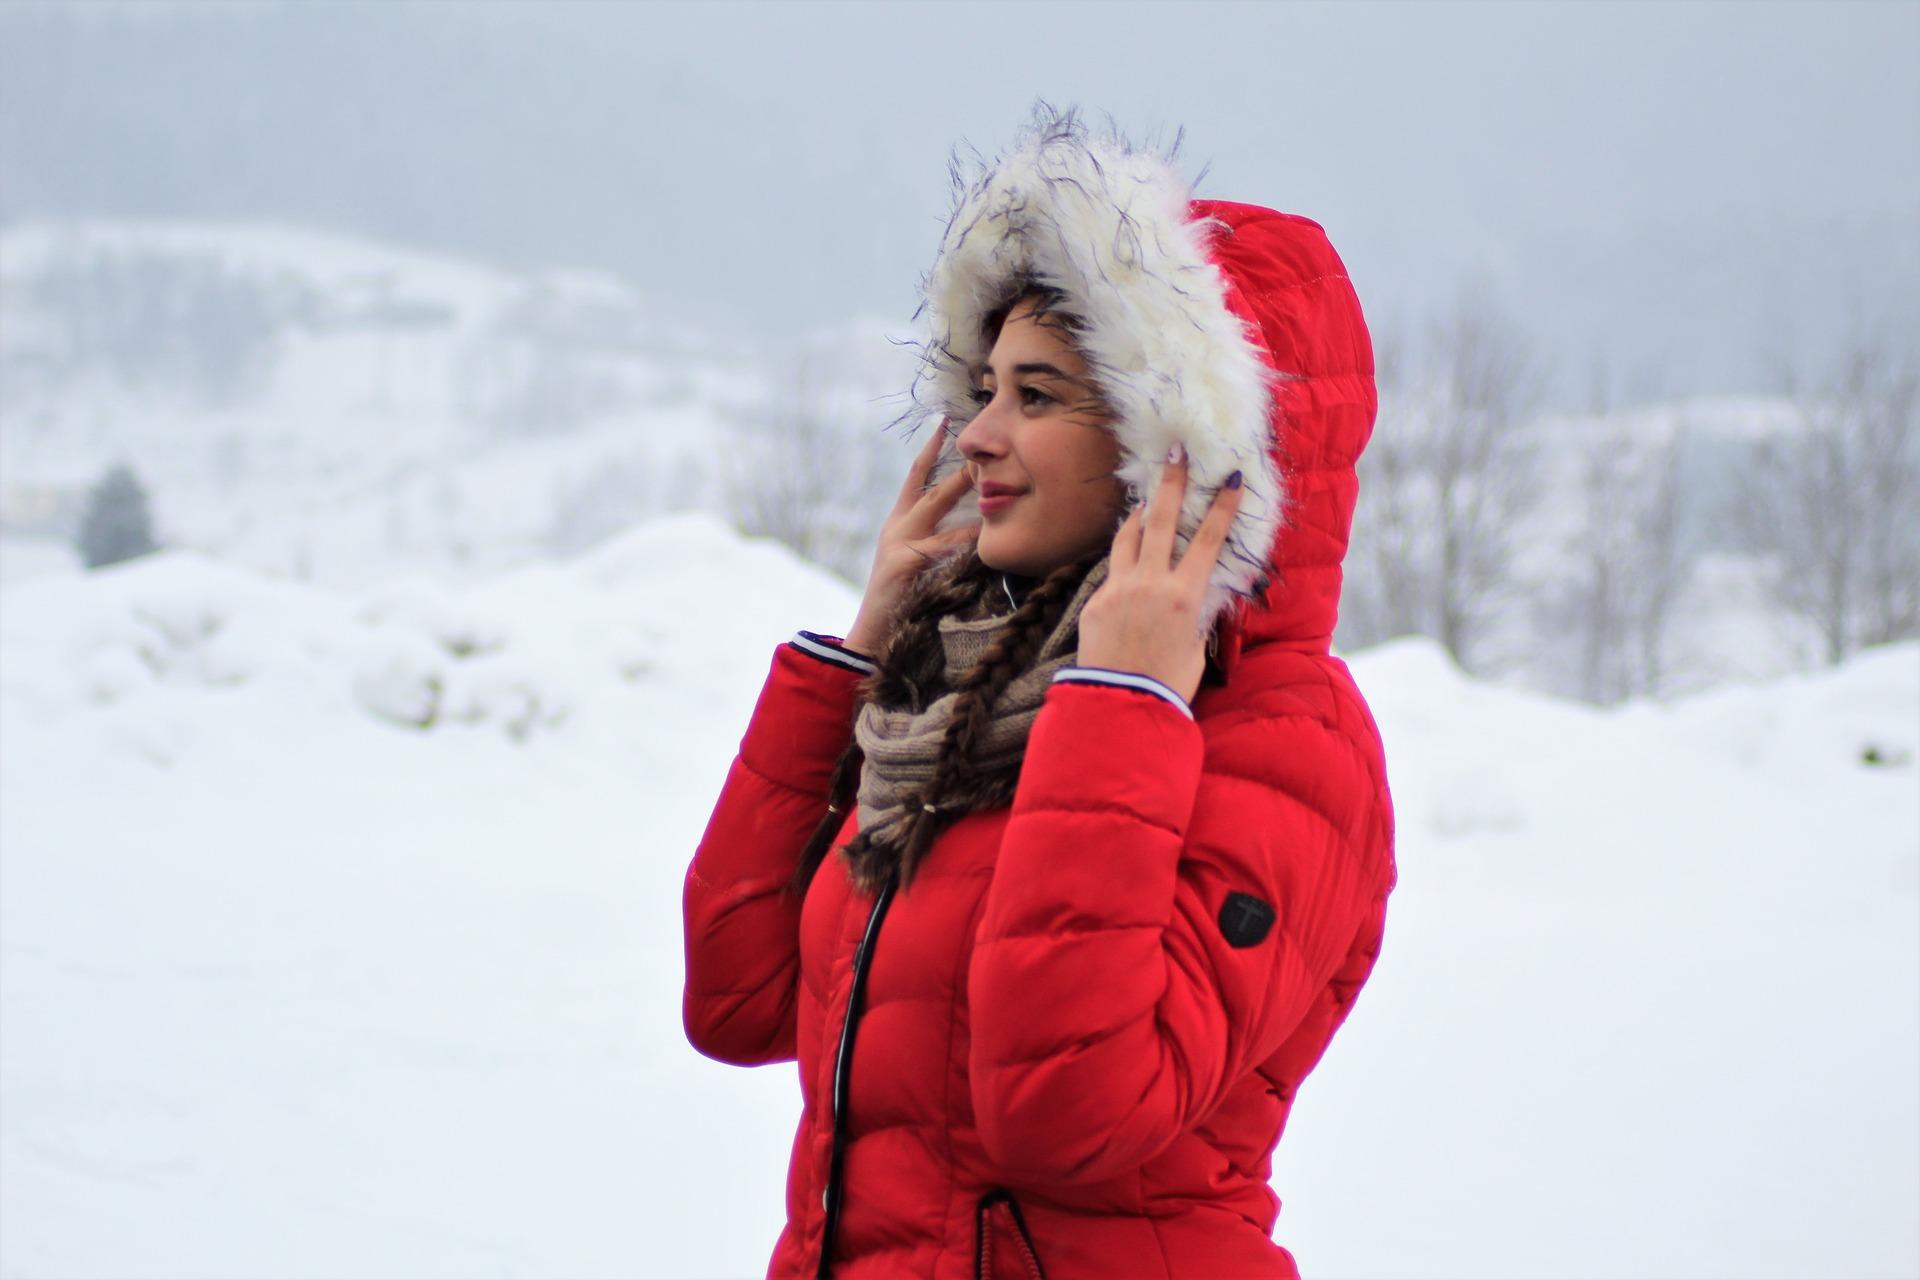 Photo of Stylisch auf der Ski-Piste: Das trägt man beim Ski-Fahren dieses Jahr